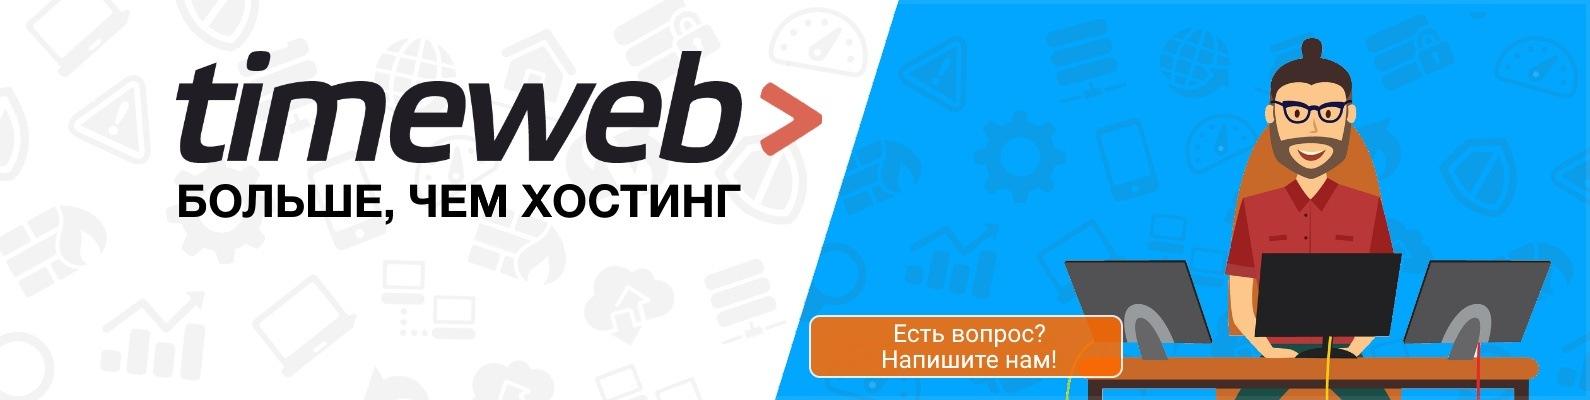 веб хостинг в России timeweb.com